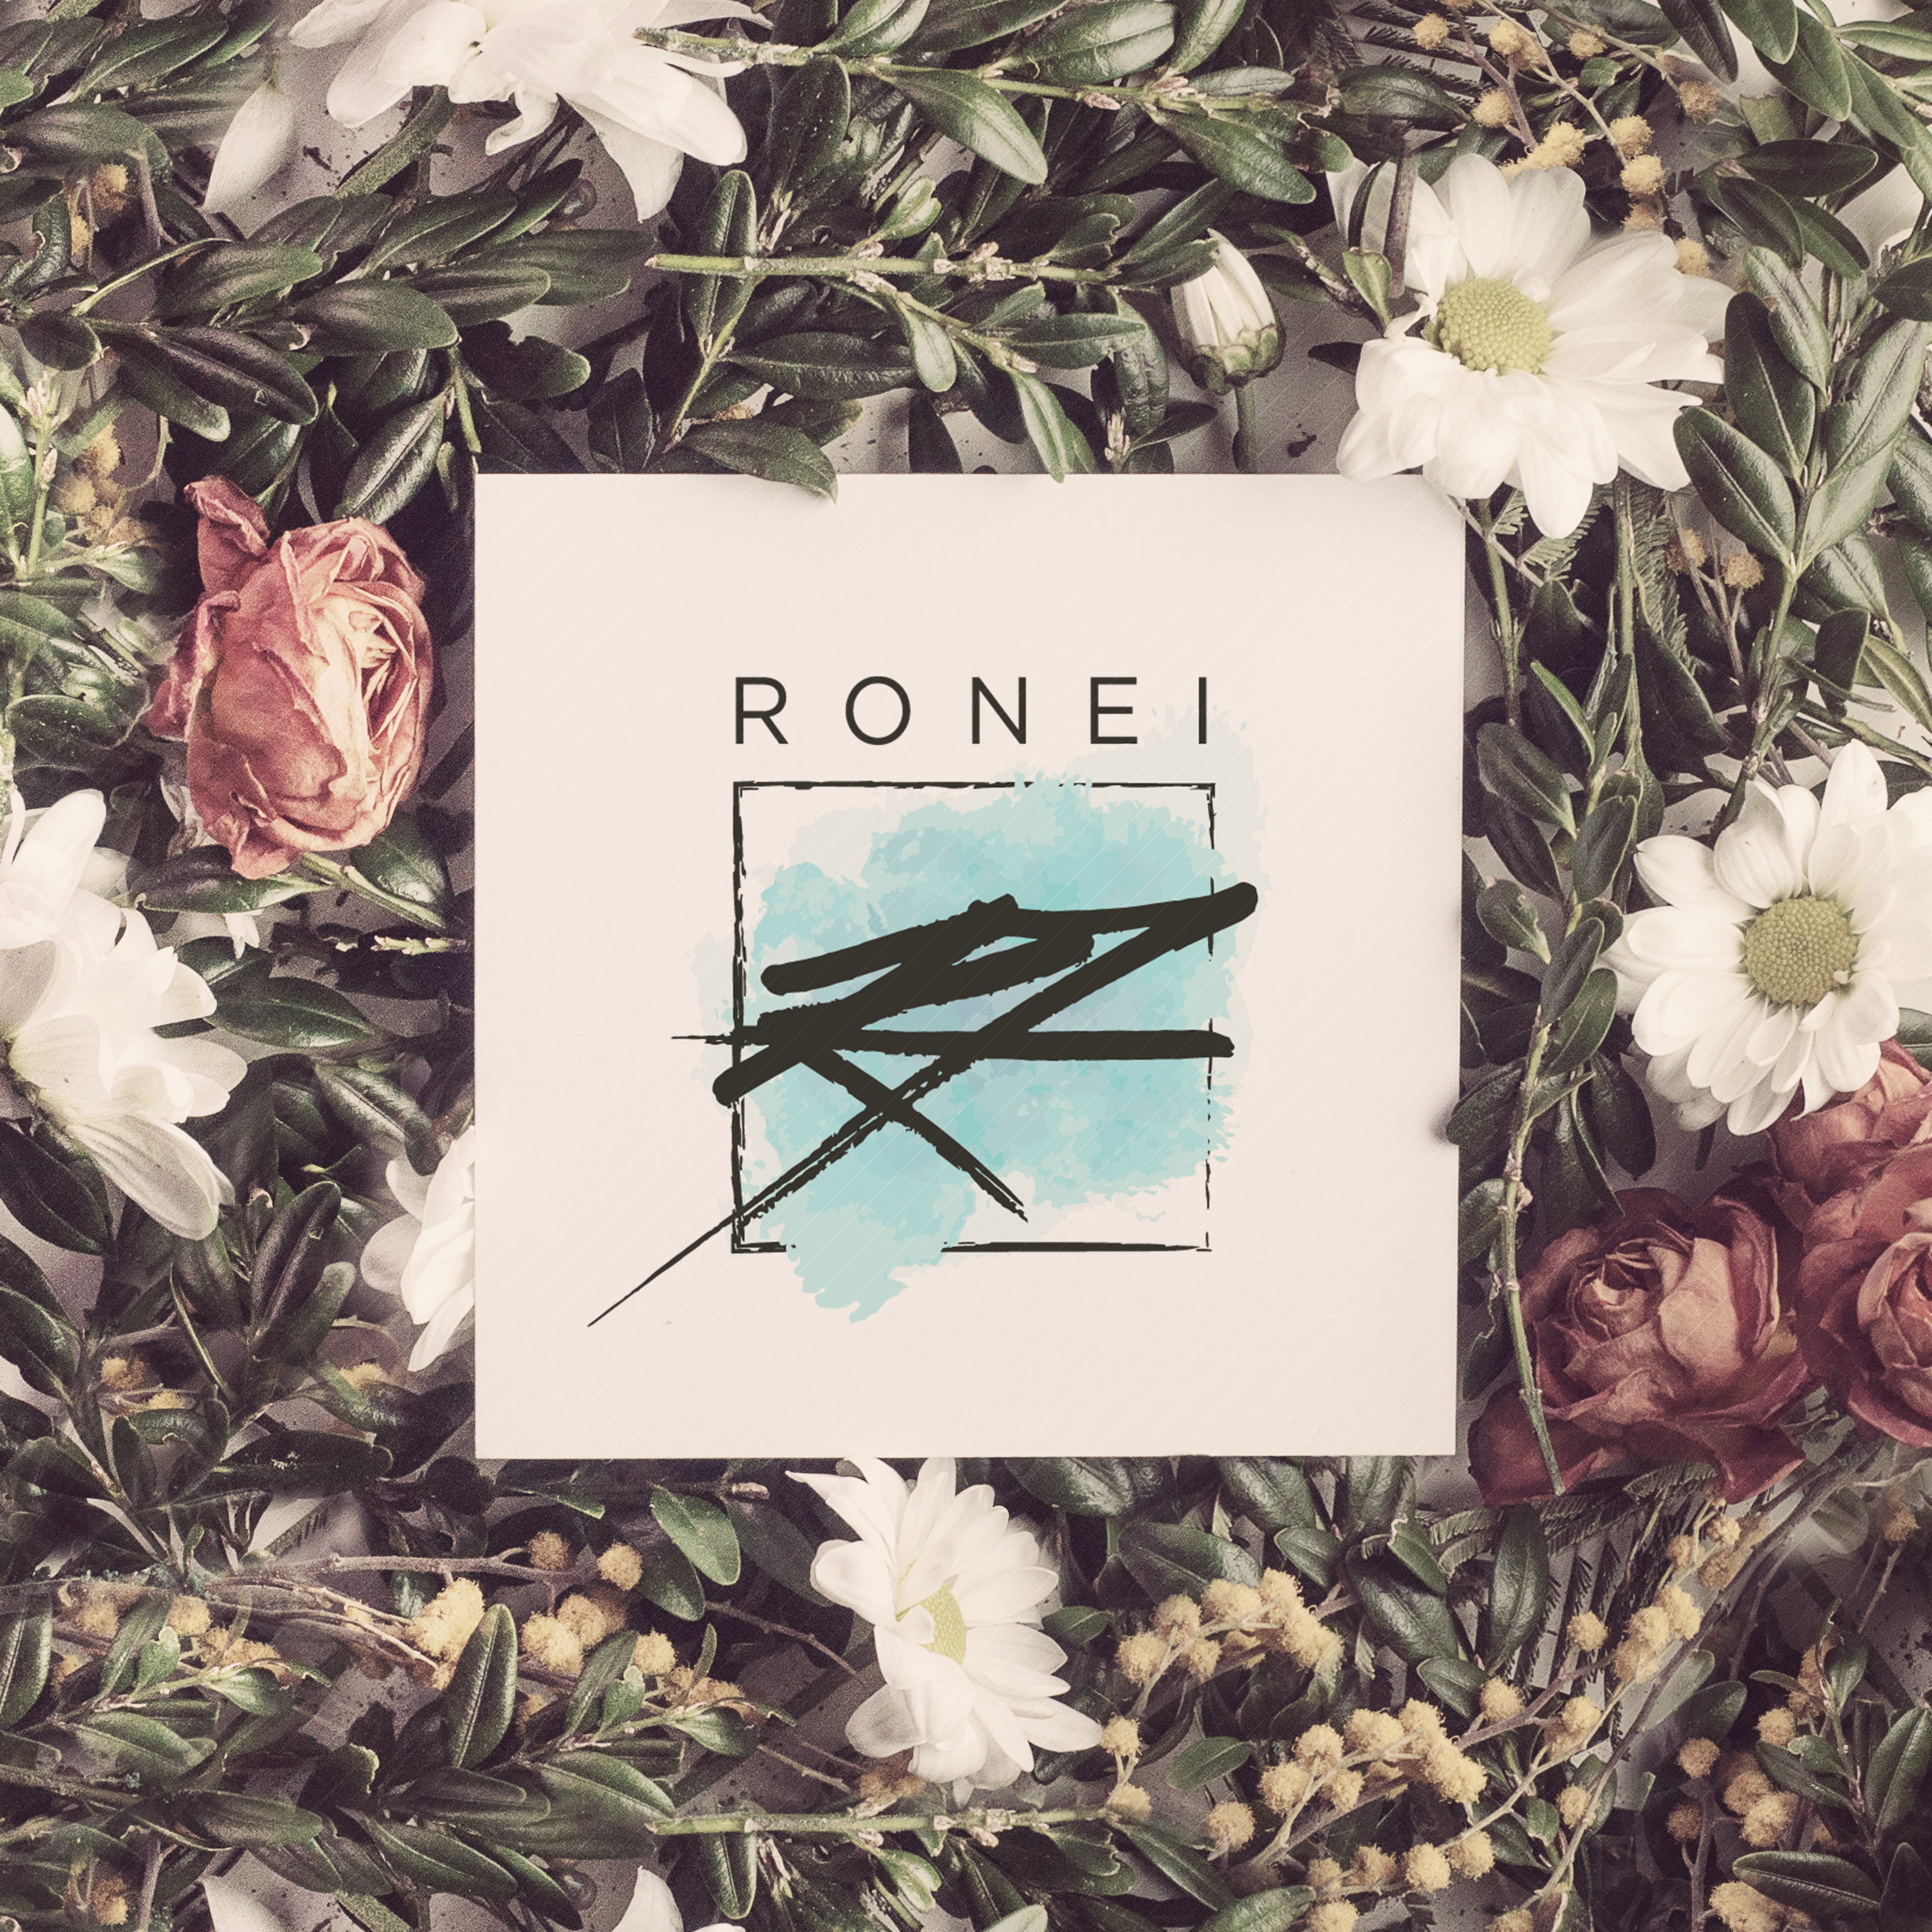 ronei_logo.jpg